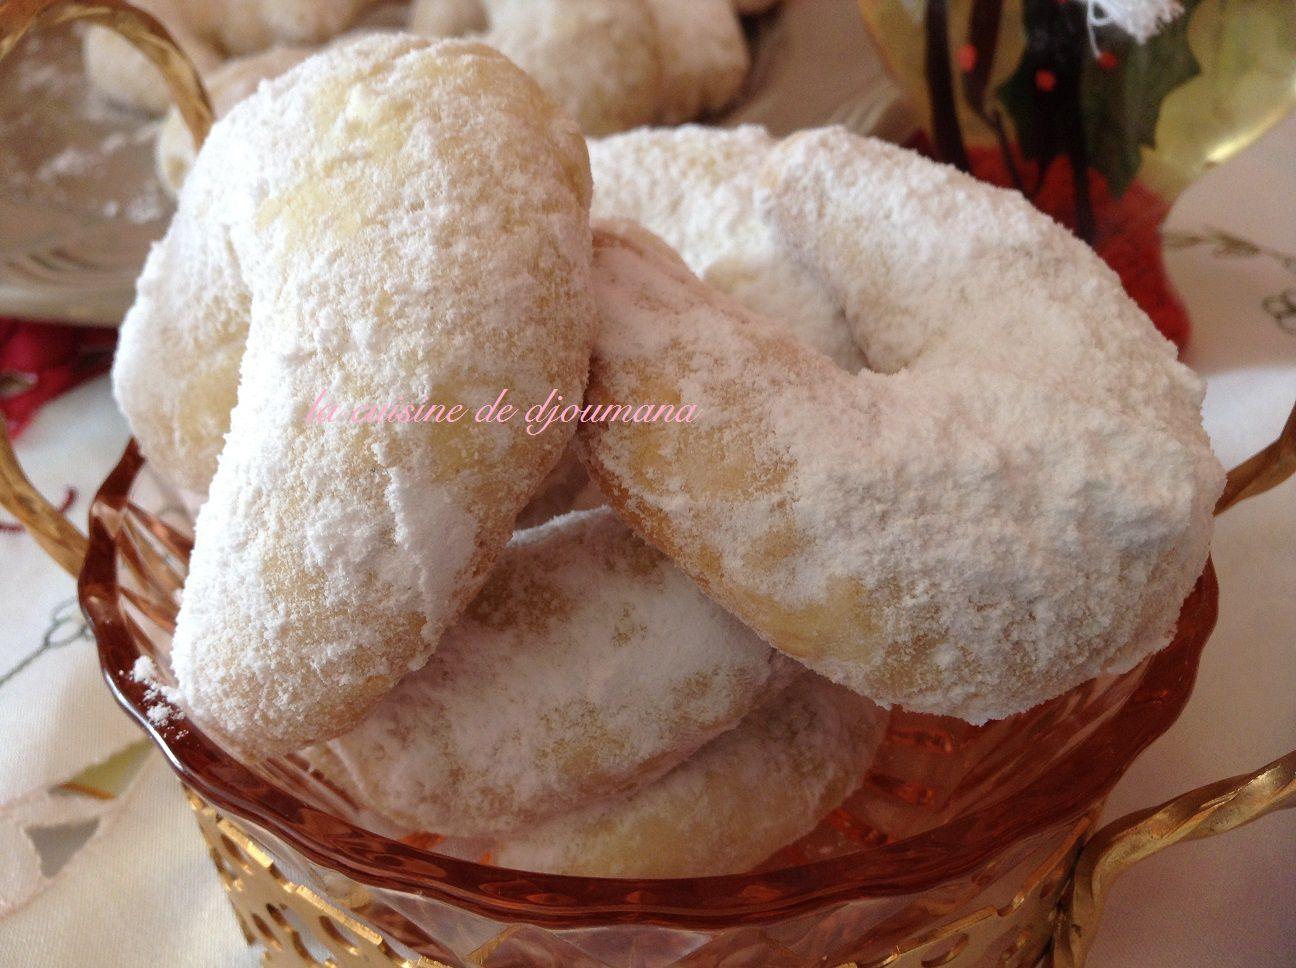 Croissant à la noix de coco